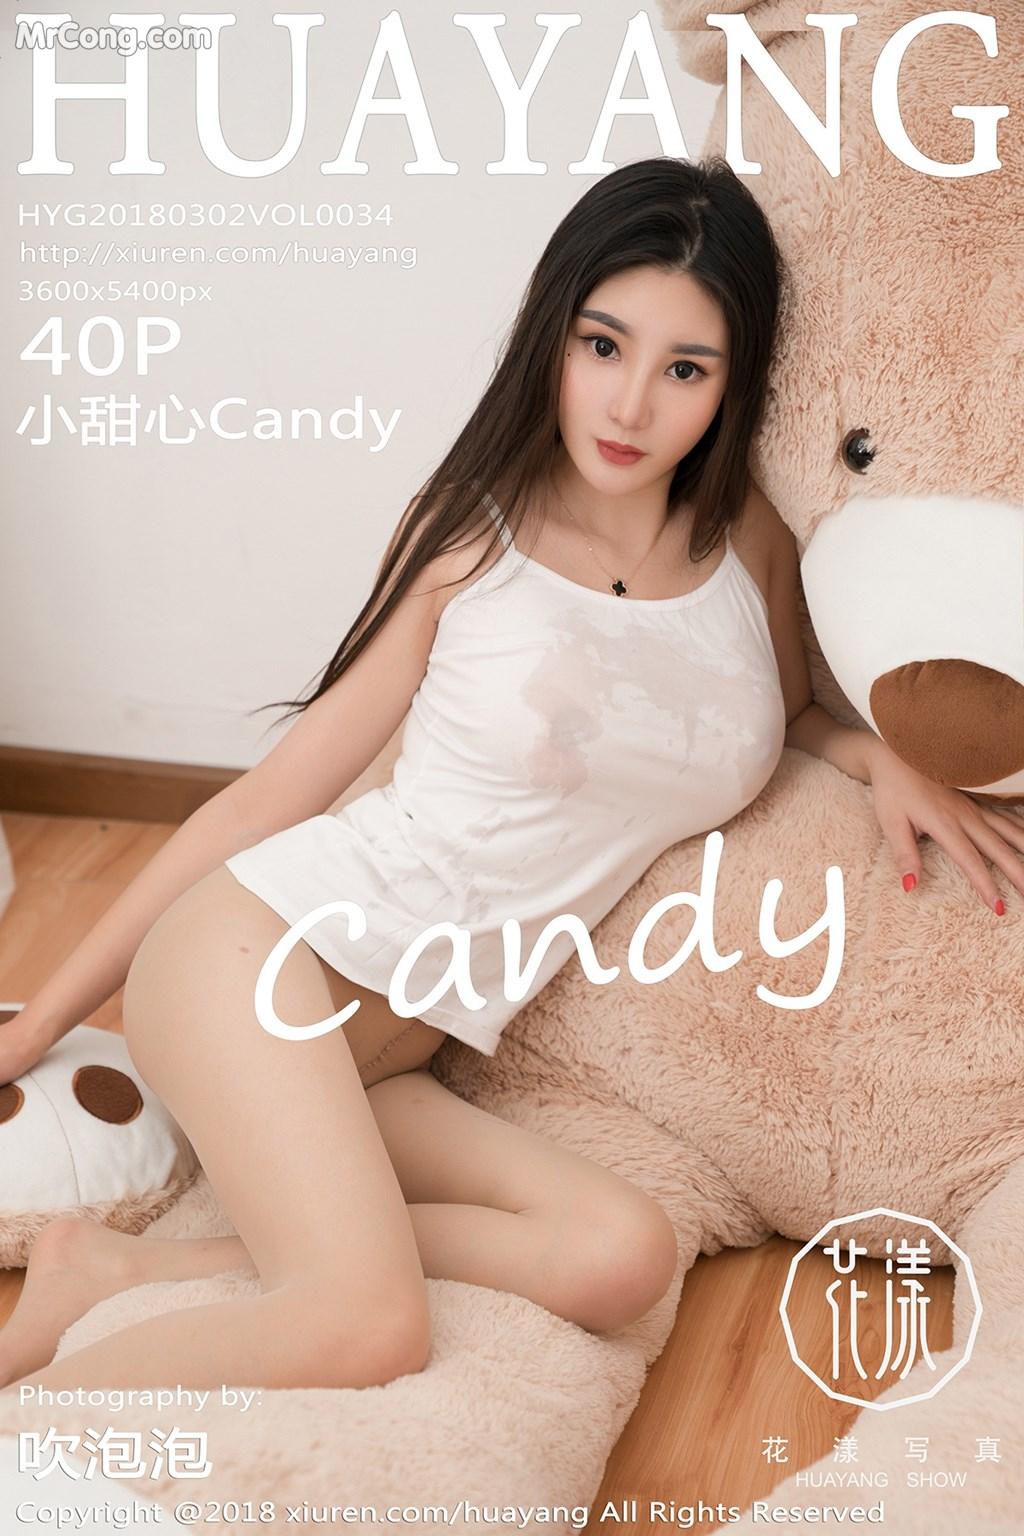 Image HuaYang-2018-03-02-Vol.034-Xiao-Tian-Xin-Candy-MrCong.com-041 in post HuaYang 2018-03-02 Vol.034: Người mẫu Xiao Tian Xin (小甜心Candy) (41 ảnh)